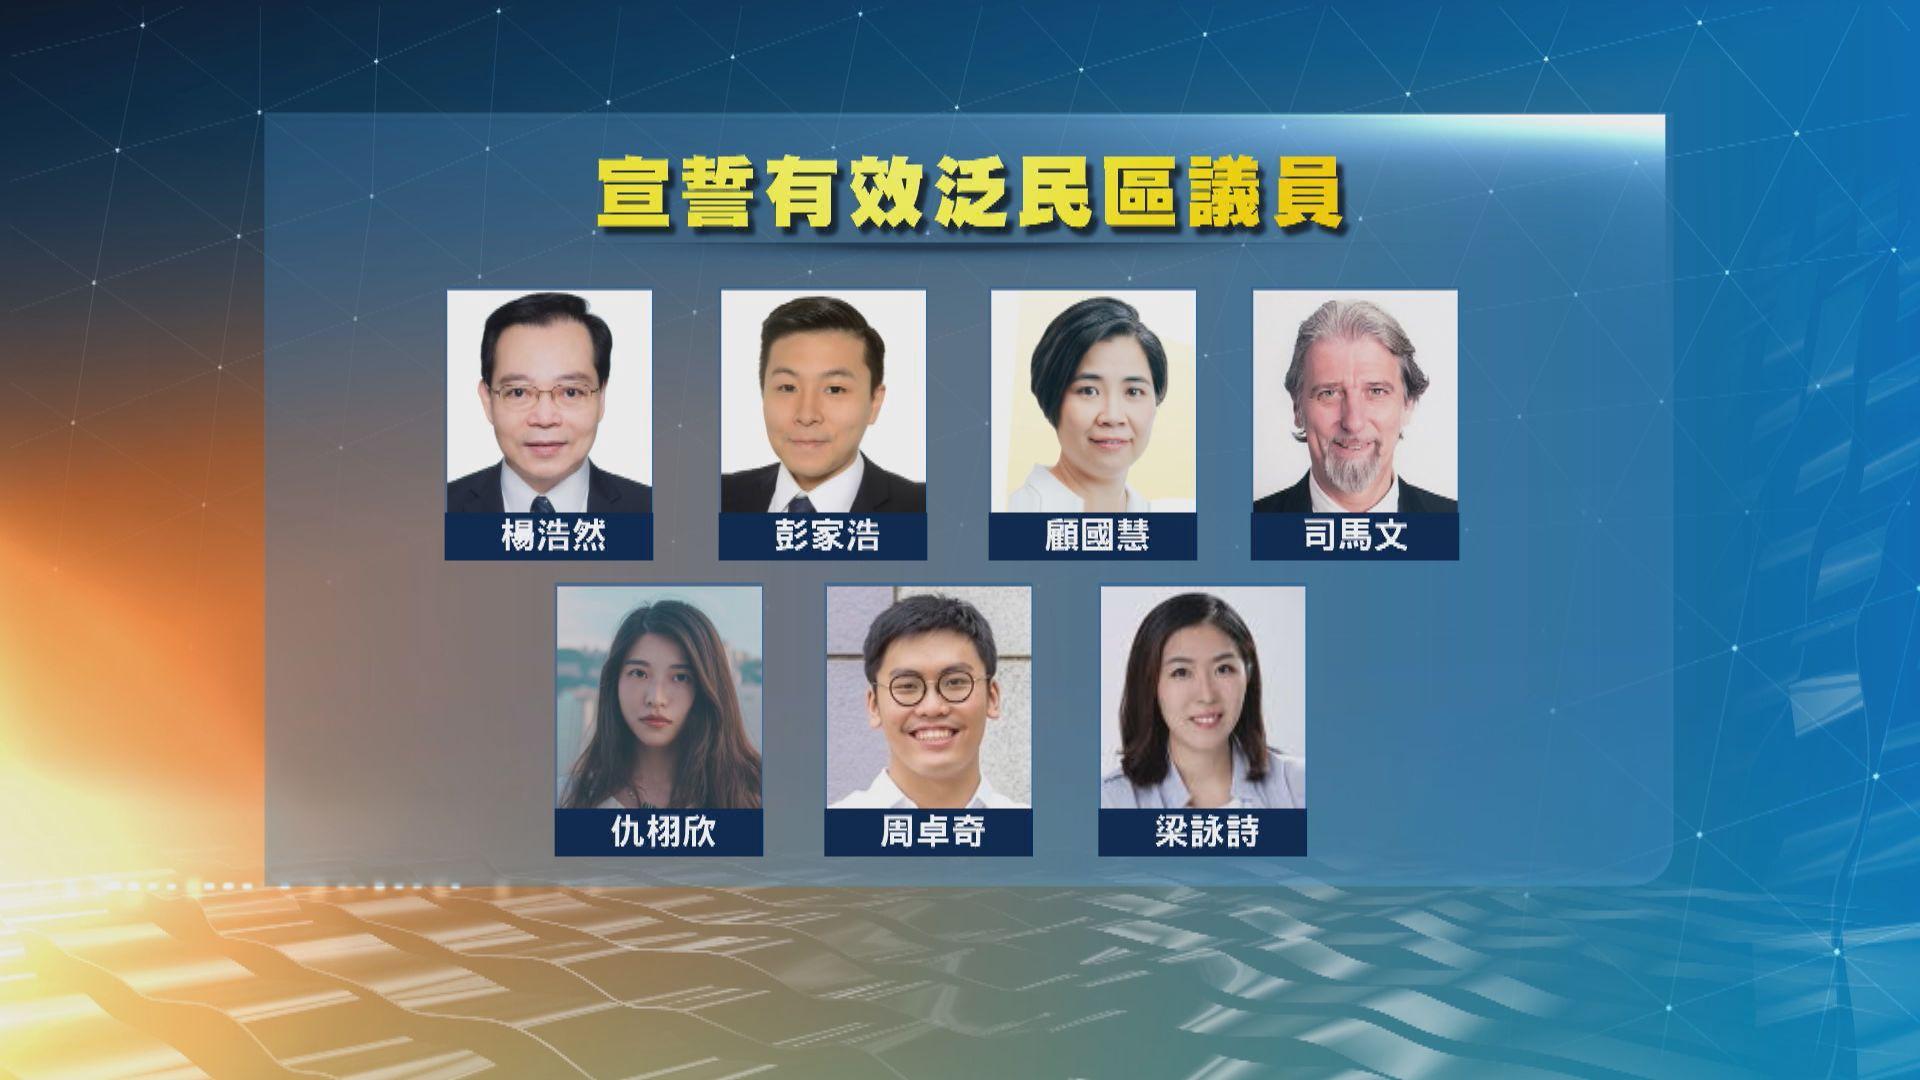 七名港島區議員宣誓有效性存疑 據悉部分涉民主派初選